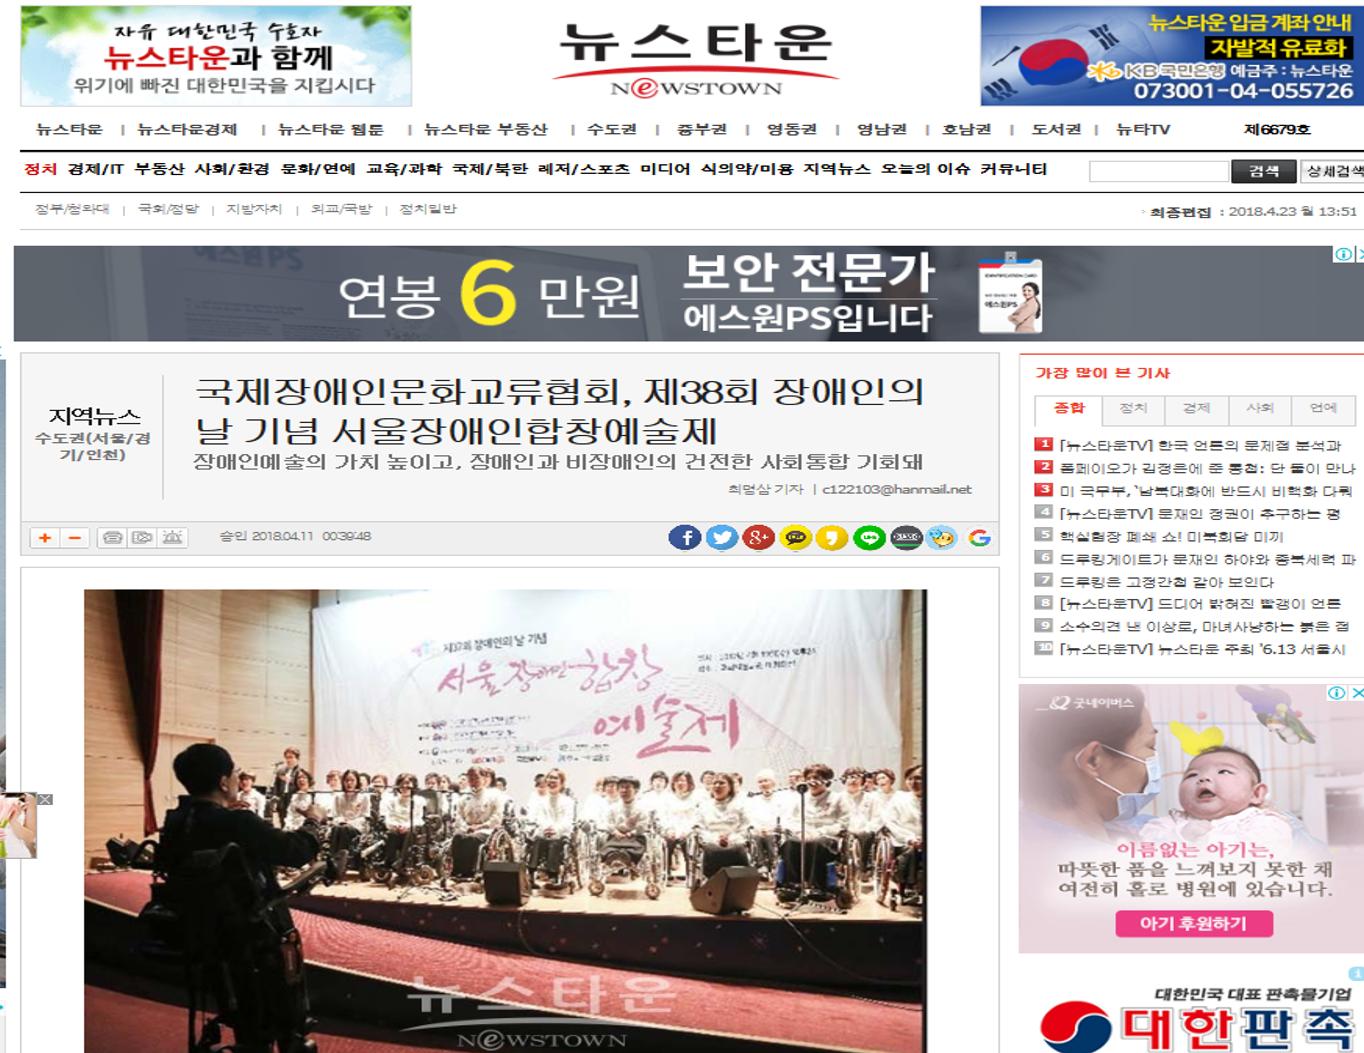 뉴스타운 - 국제장애인문화교류협회, 제38회 장애인의 날 기념 서울장애인합창예술제.png